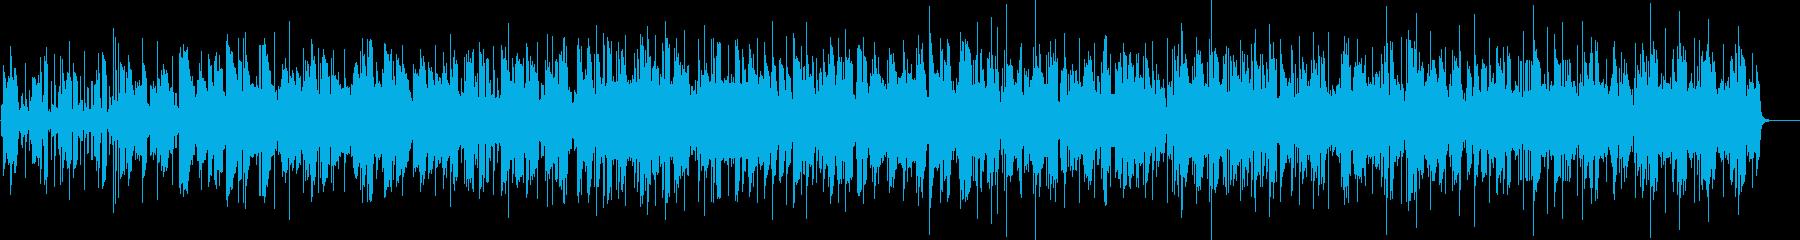 クリスマスの定番サイレントナイトの再生済みの波形